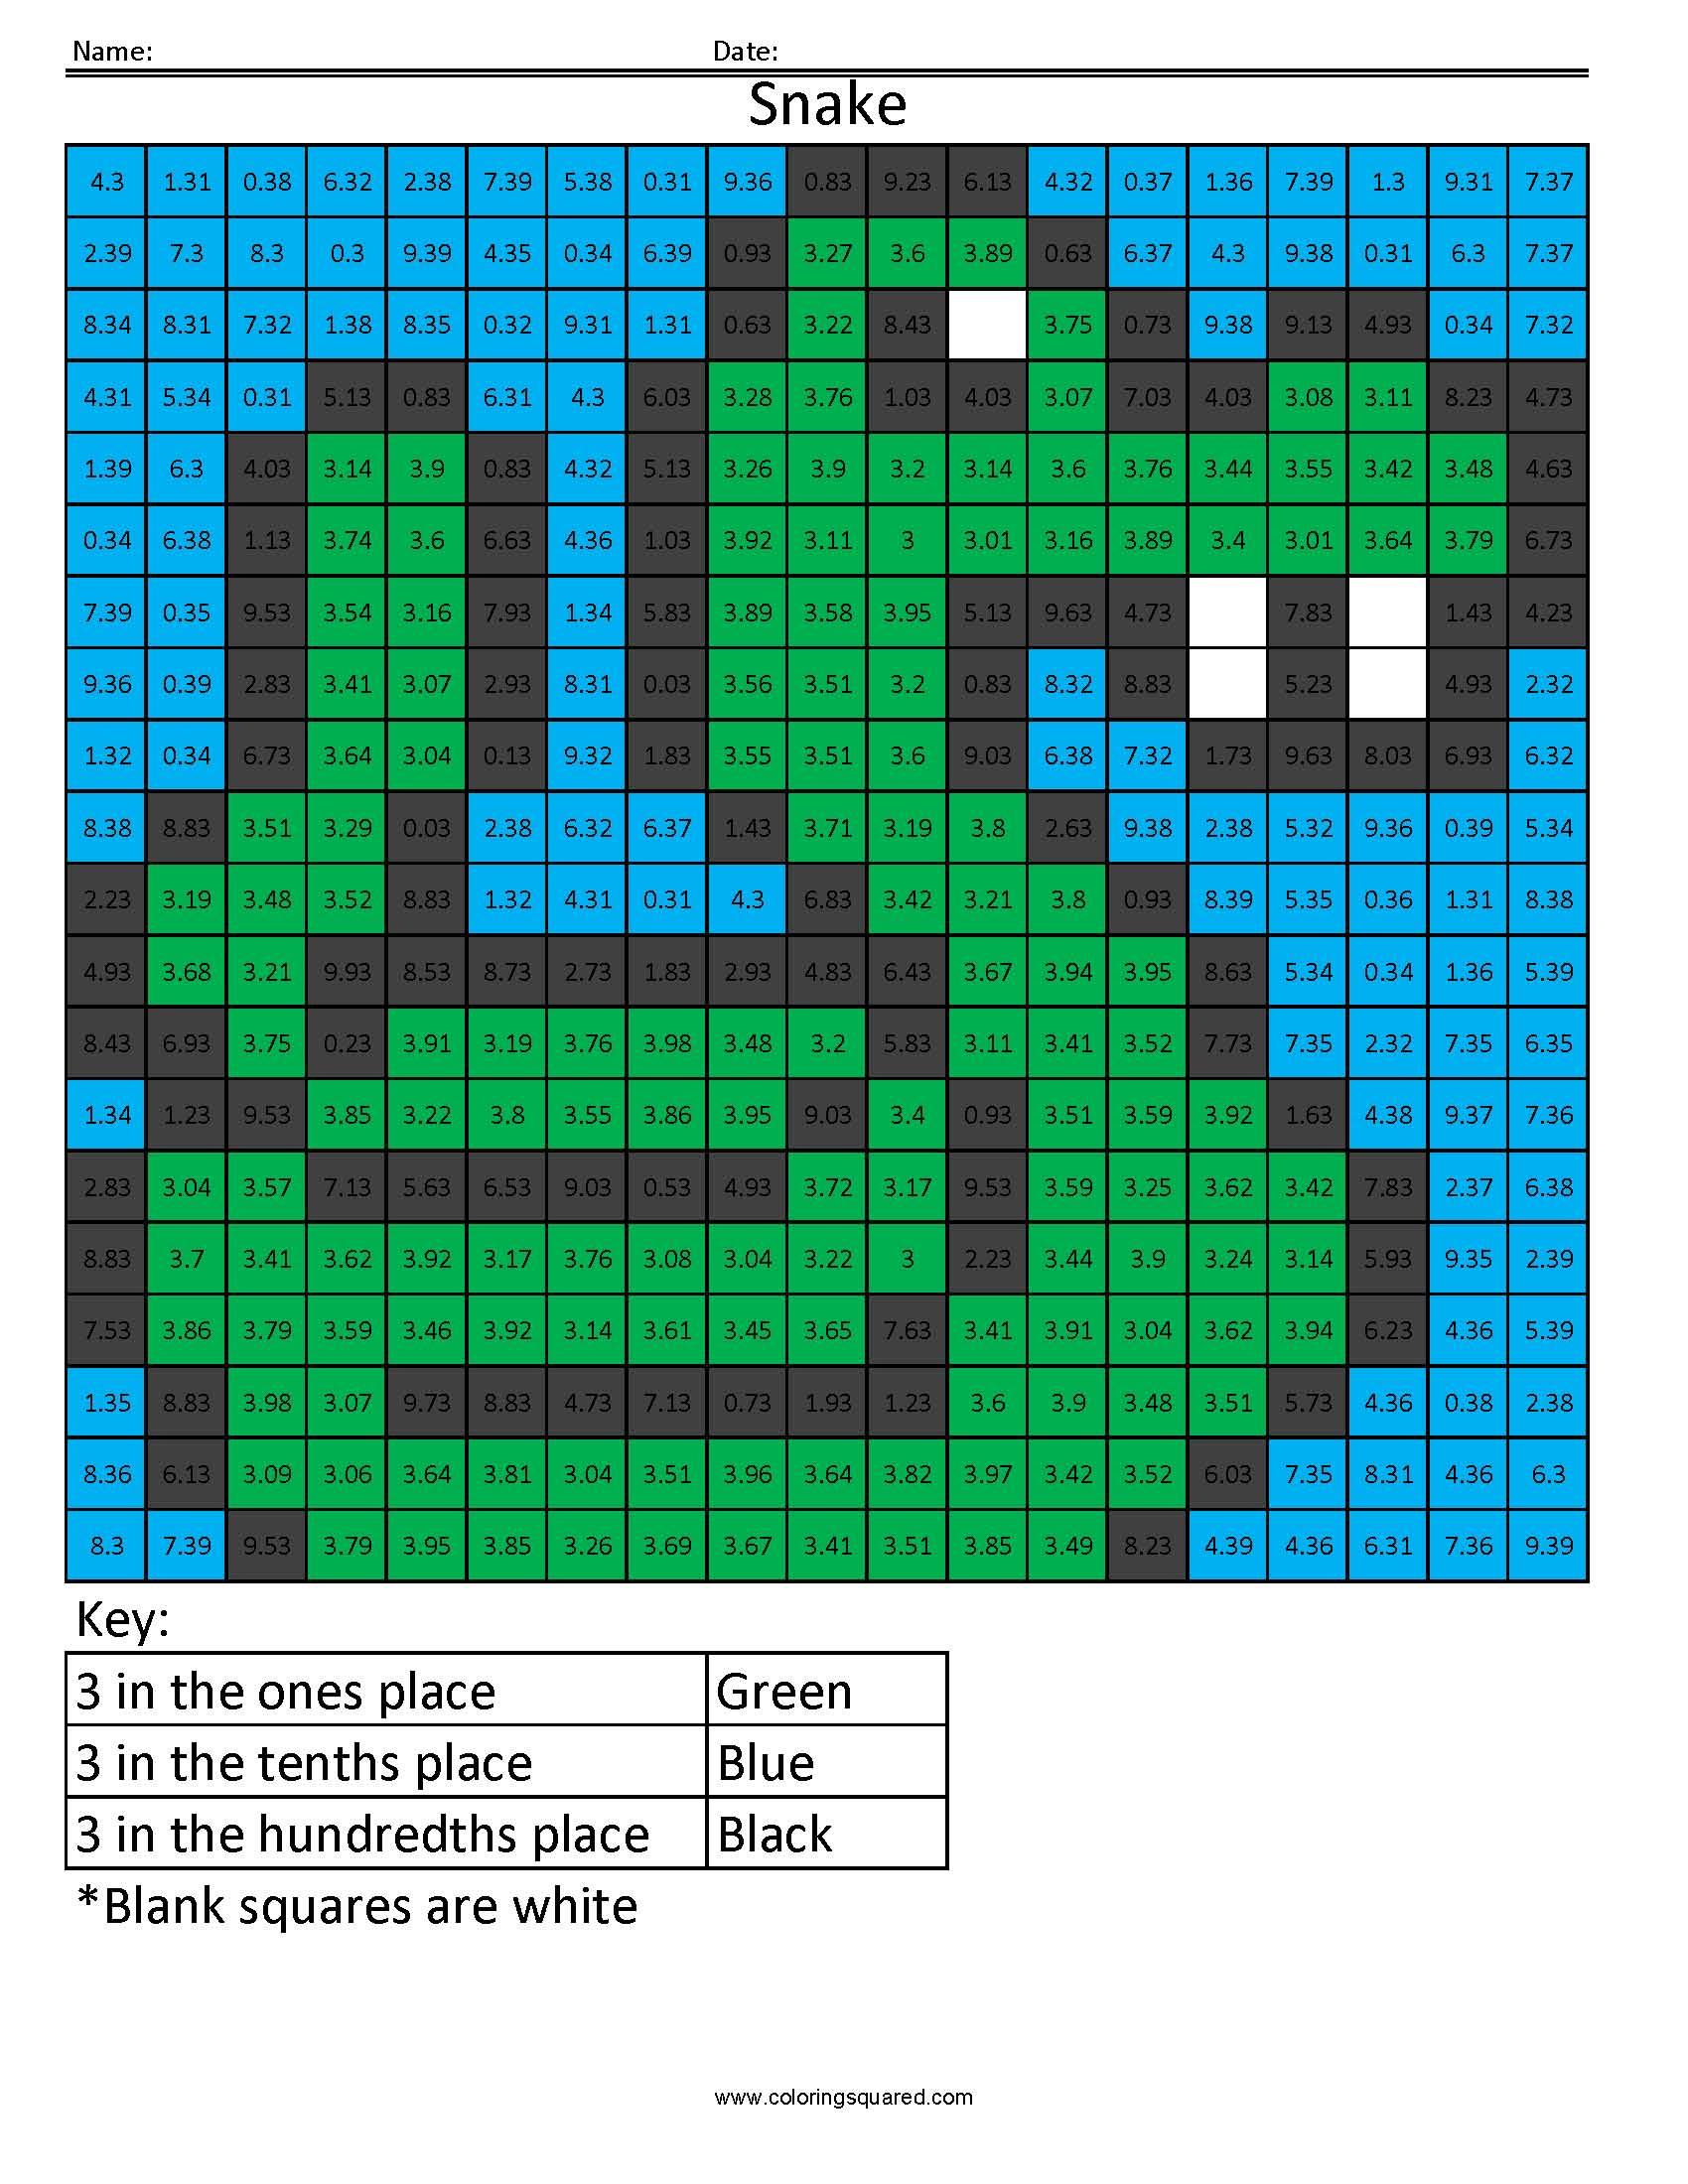 Dv3 Snake Color Free Fractions Decimals Percent Worksheet